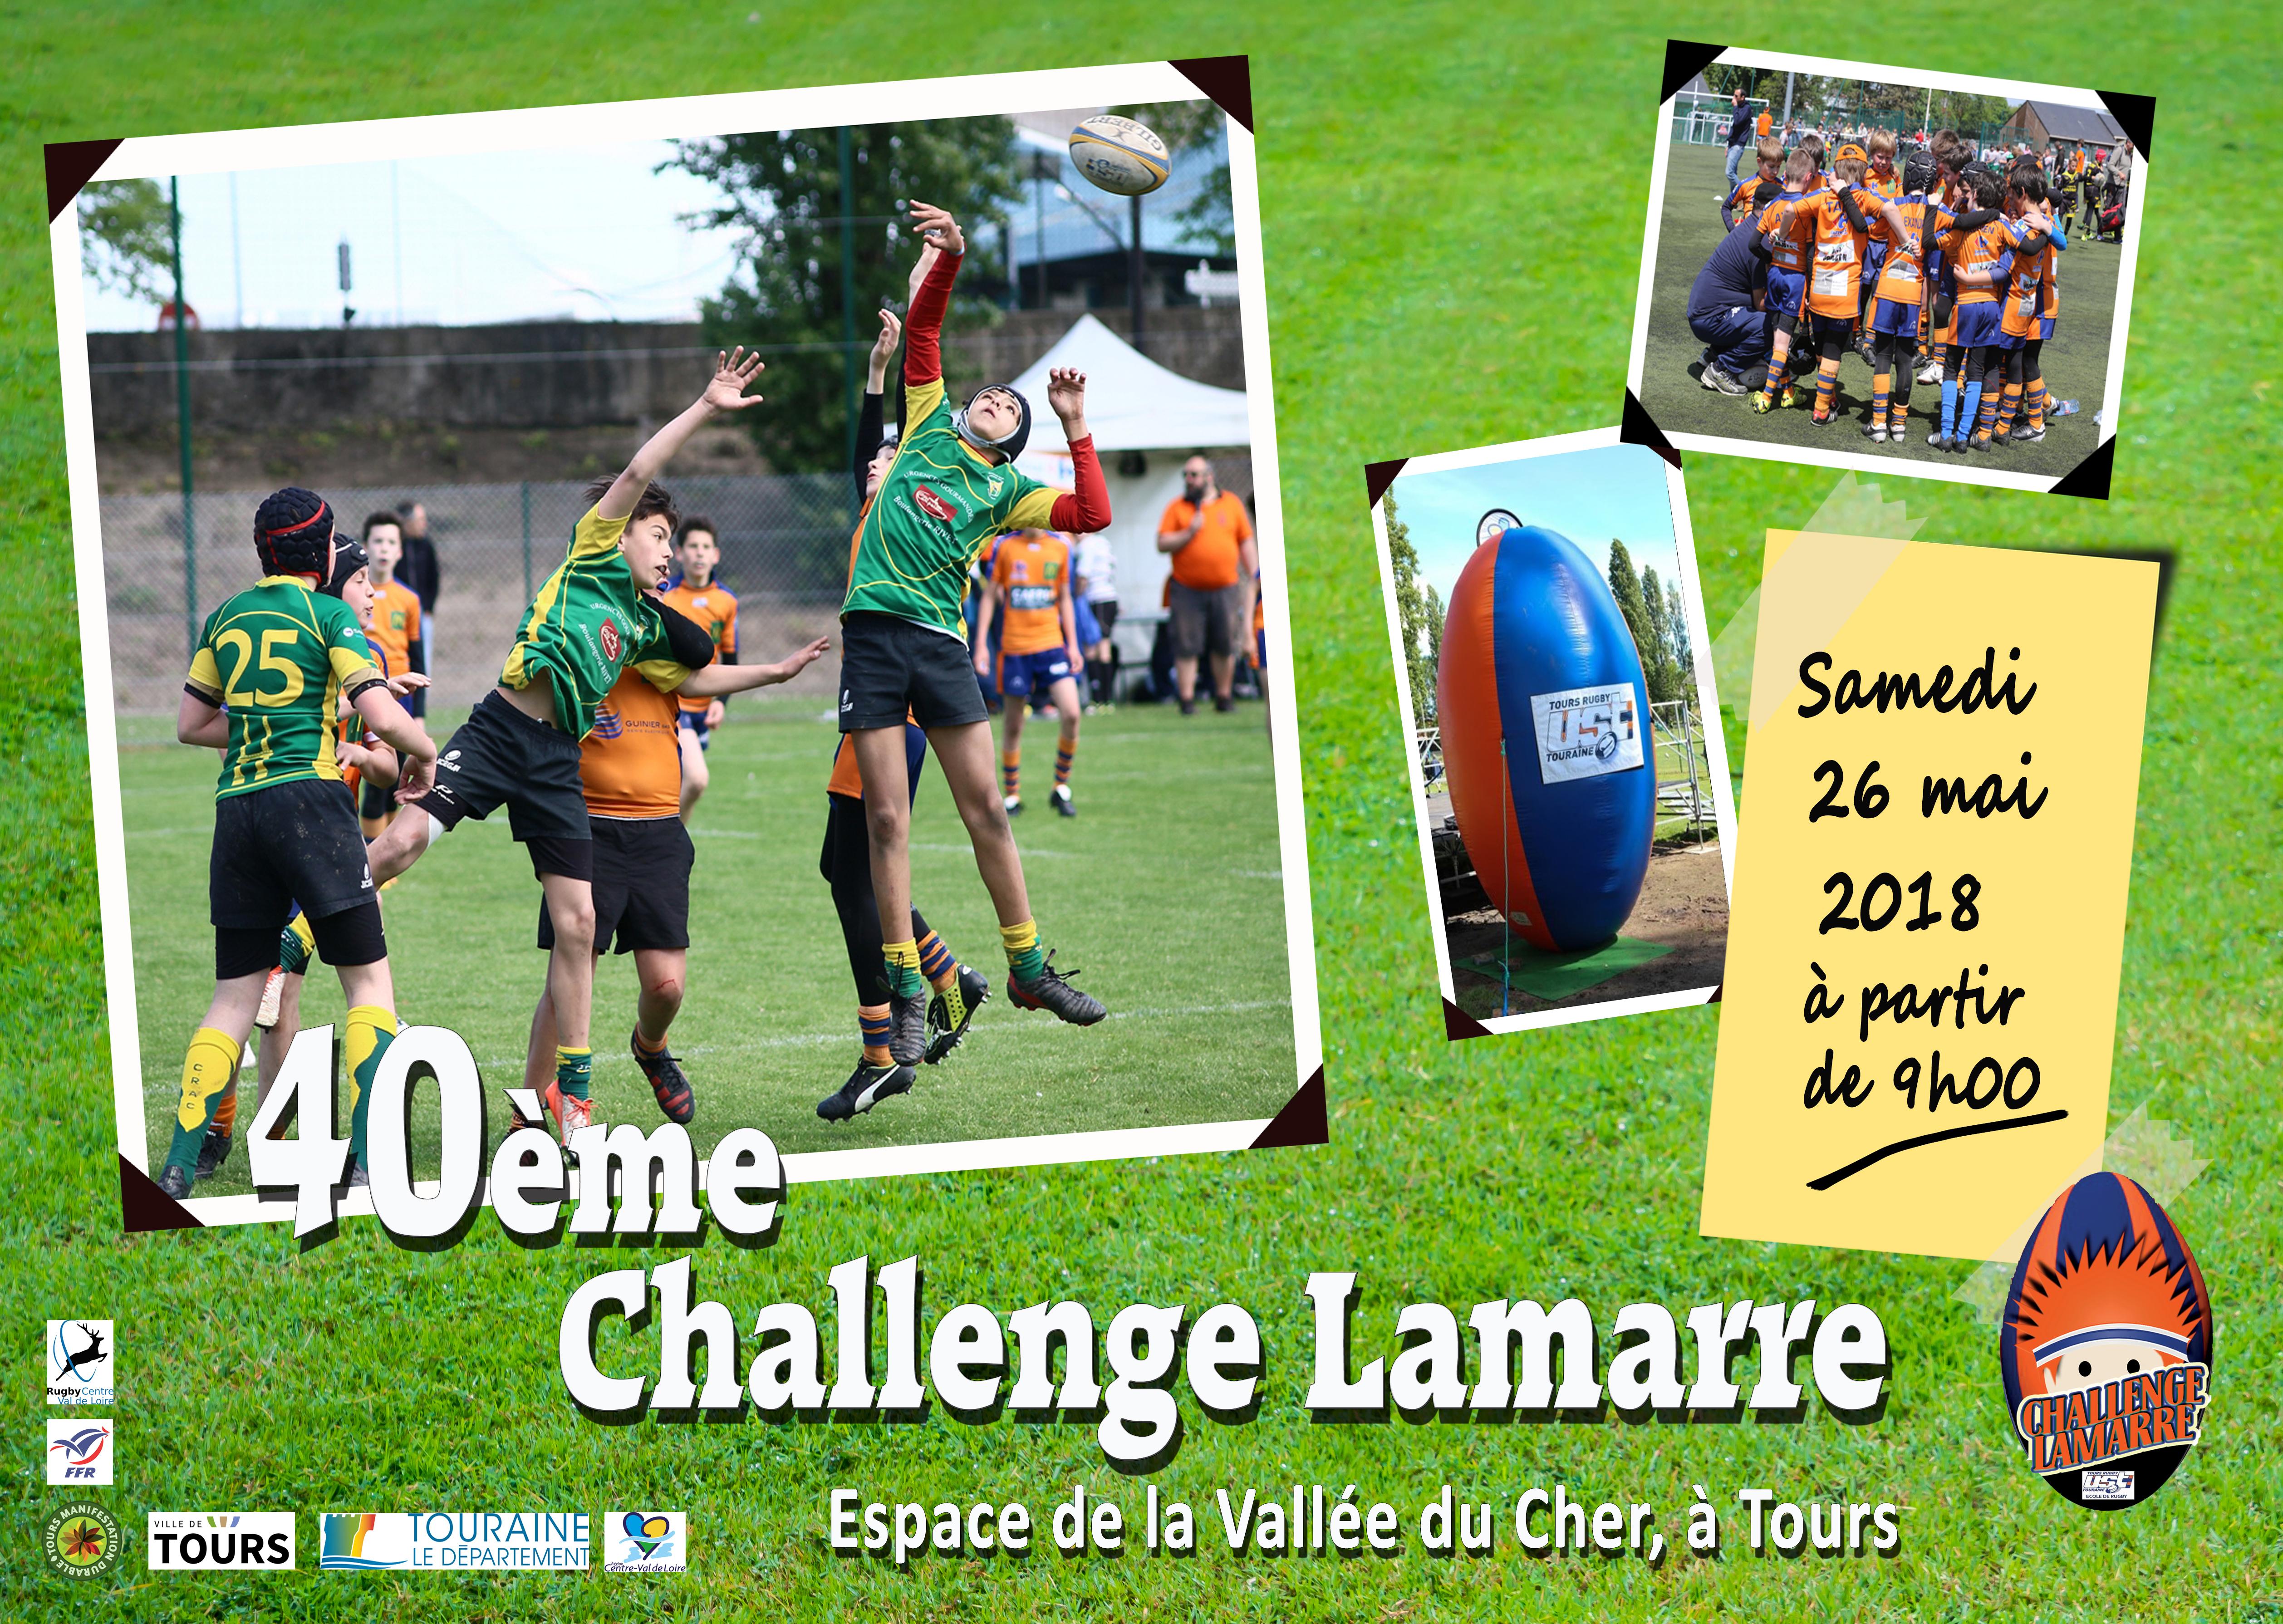 Challenge Lamarre 2018 40ème édition – 26 mai 2018